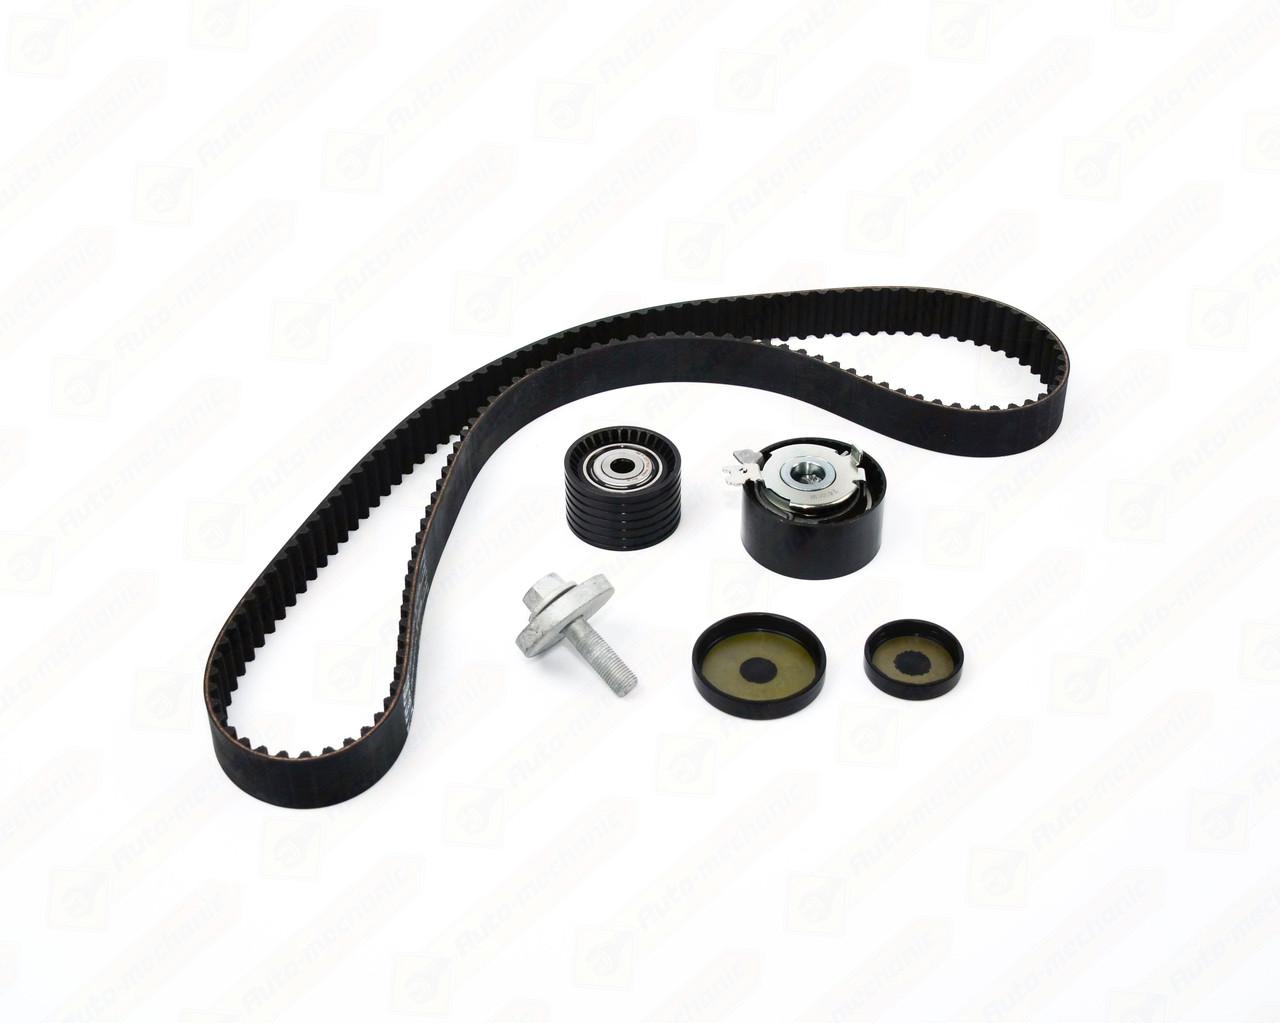 Комплект натягувач + ролик + ремінь ГРМ на Renault Megane III 1.6 16V — SNR - KD455.57